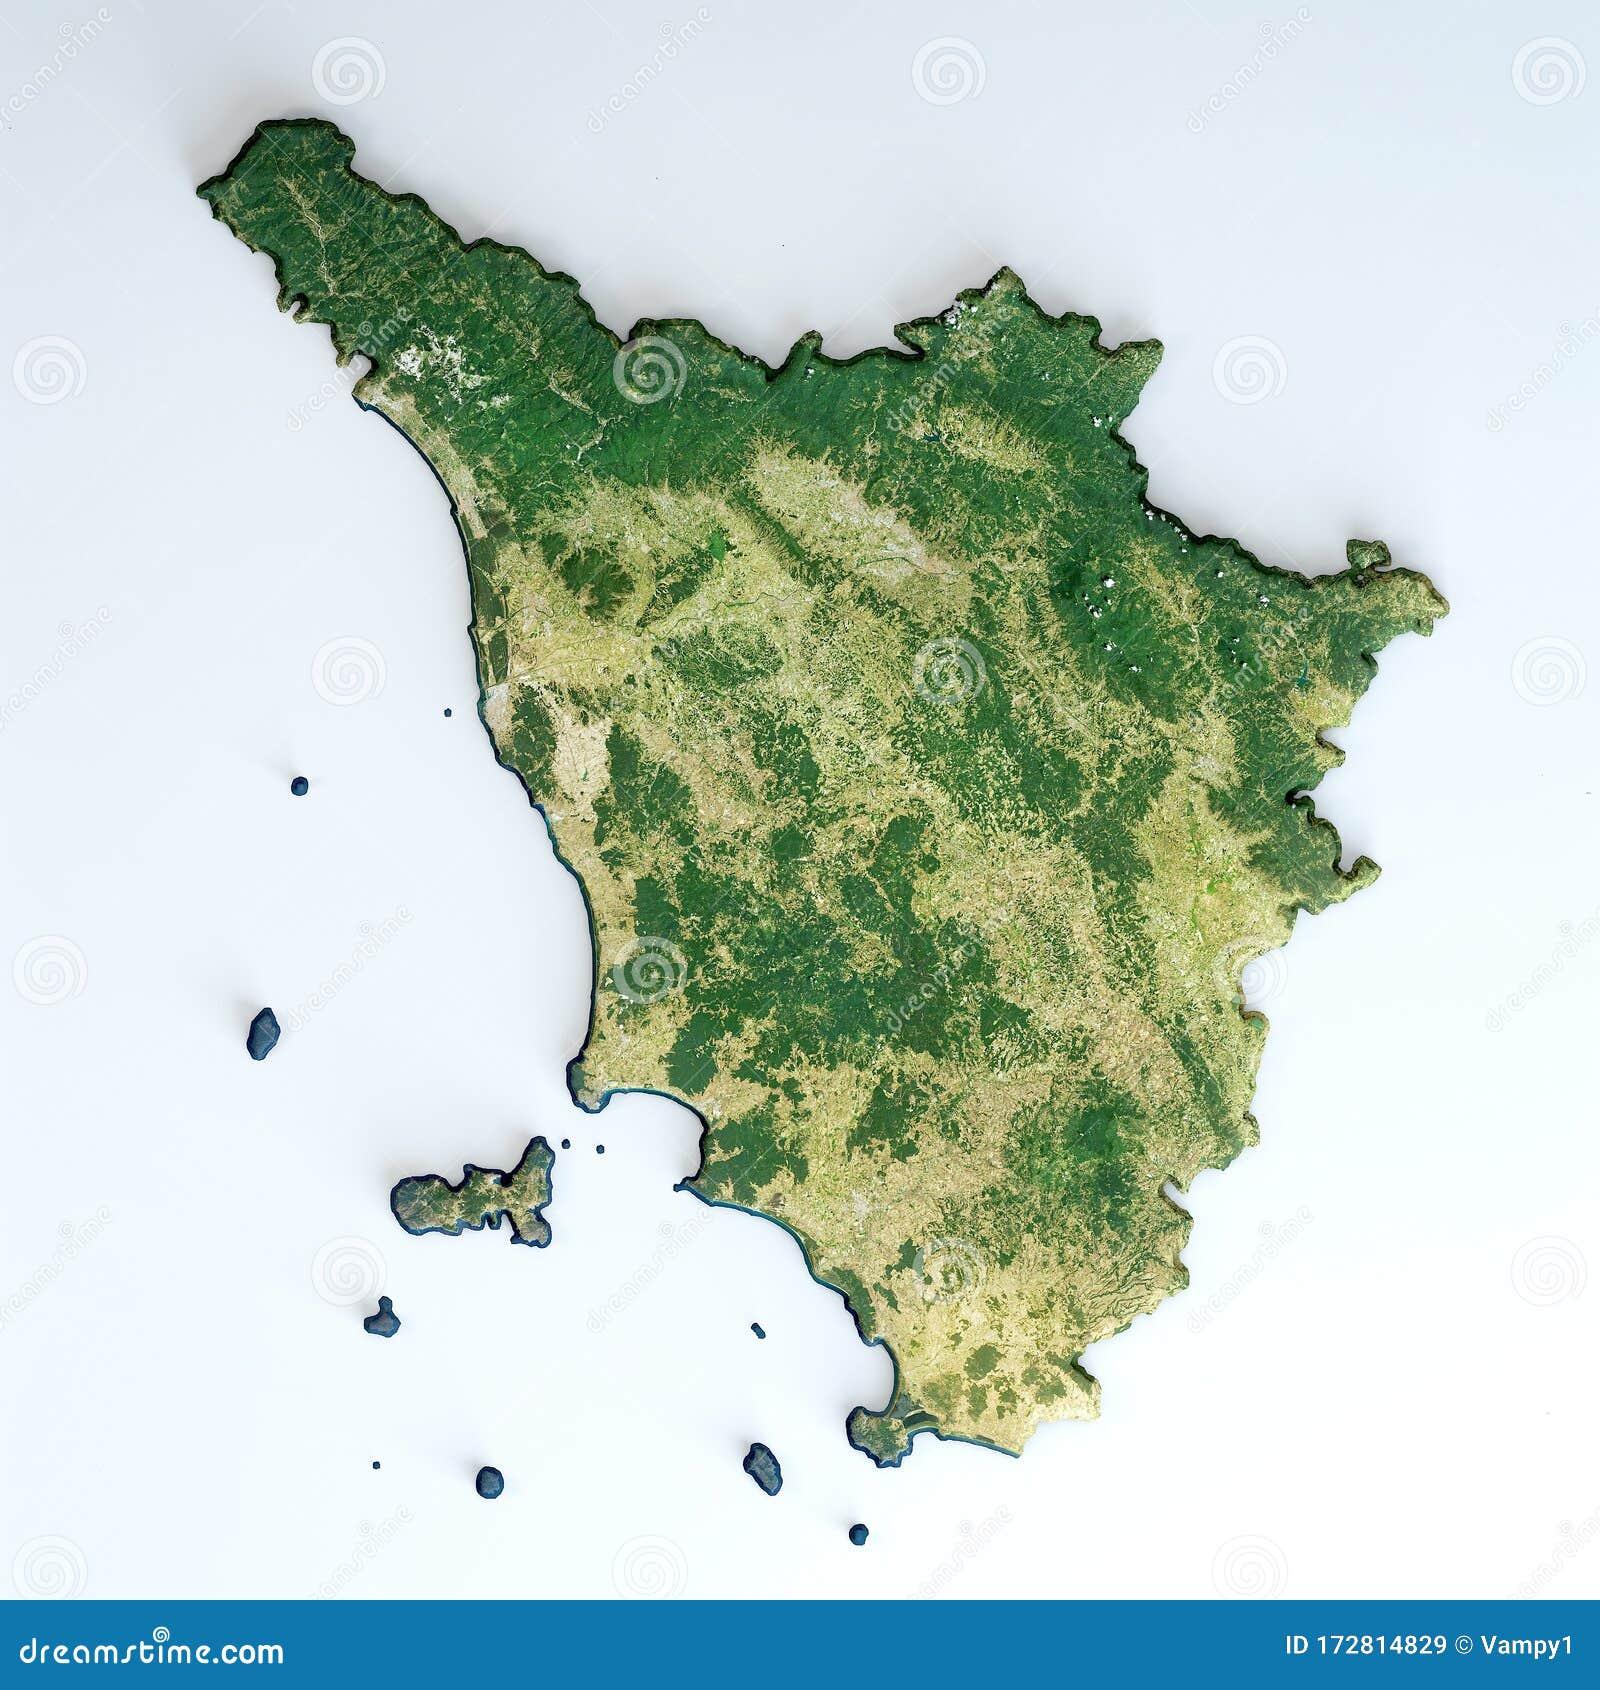 Toscana Fisica Cartina.Vista Satellitare Della Regione Toscana Italia Illustrazione Di Stock Illustrazione Di Sfondo Fisico 172814829